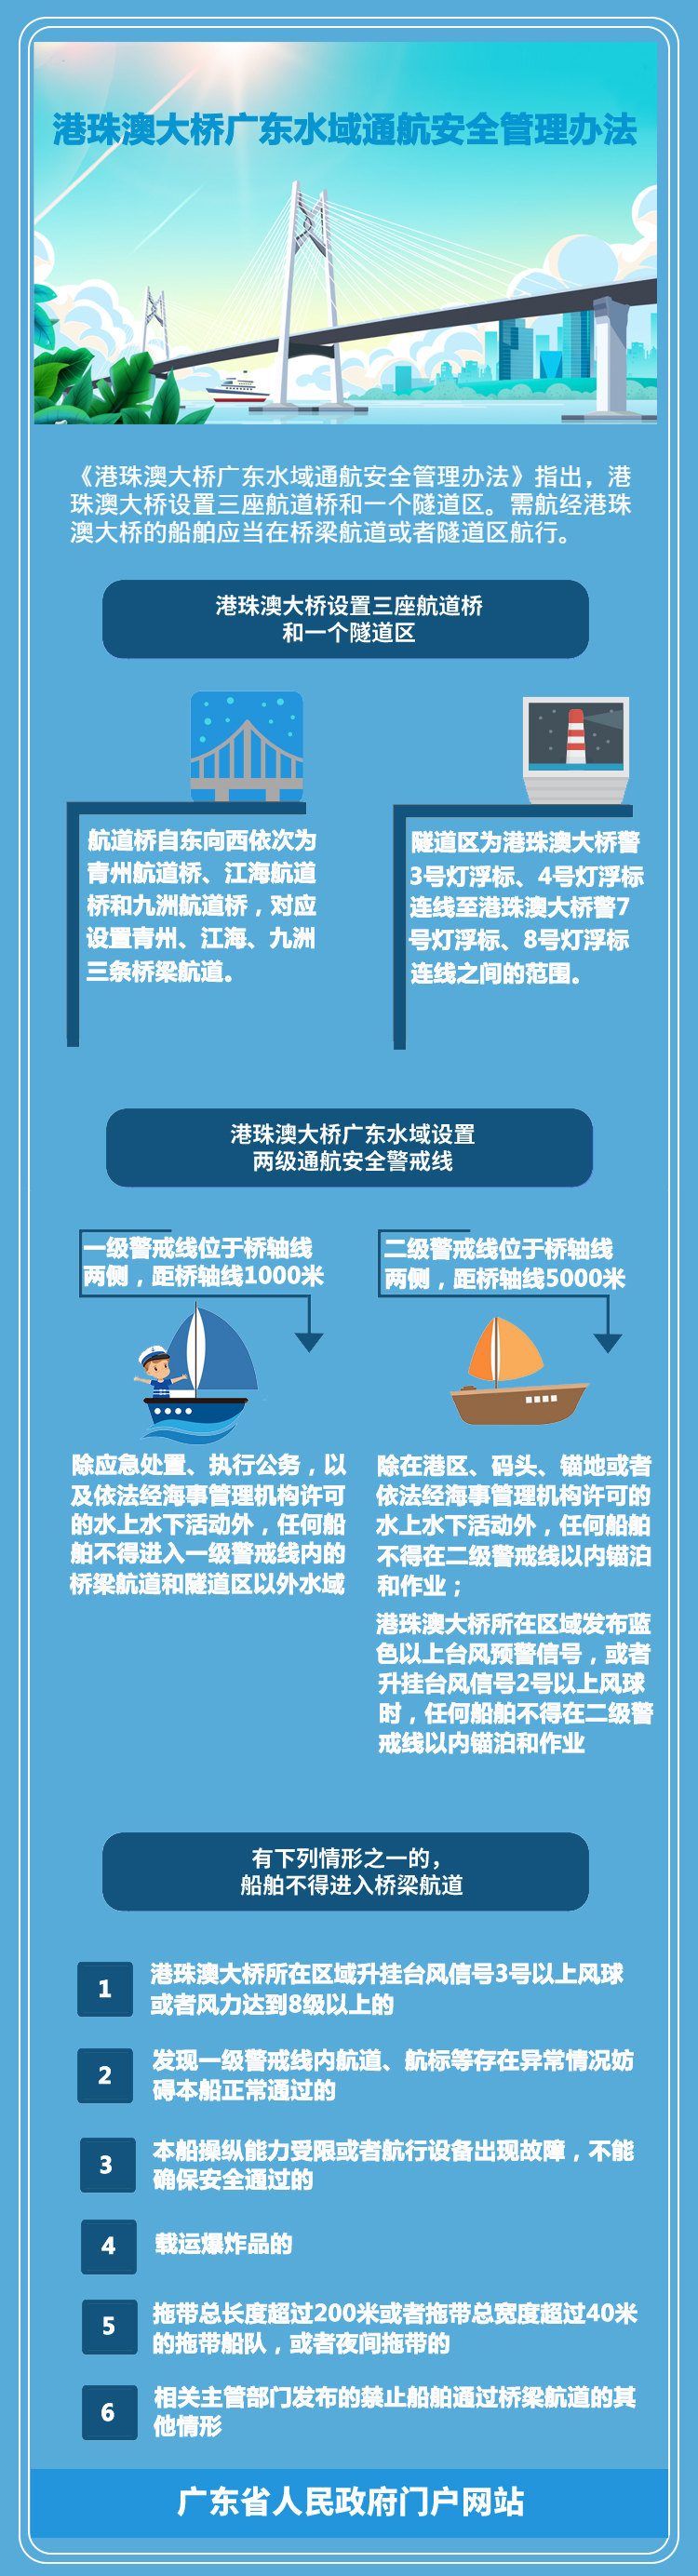 中国航海日副本.jpg